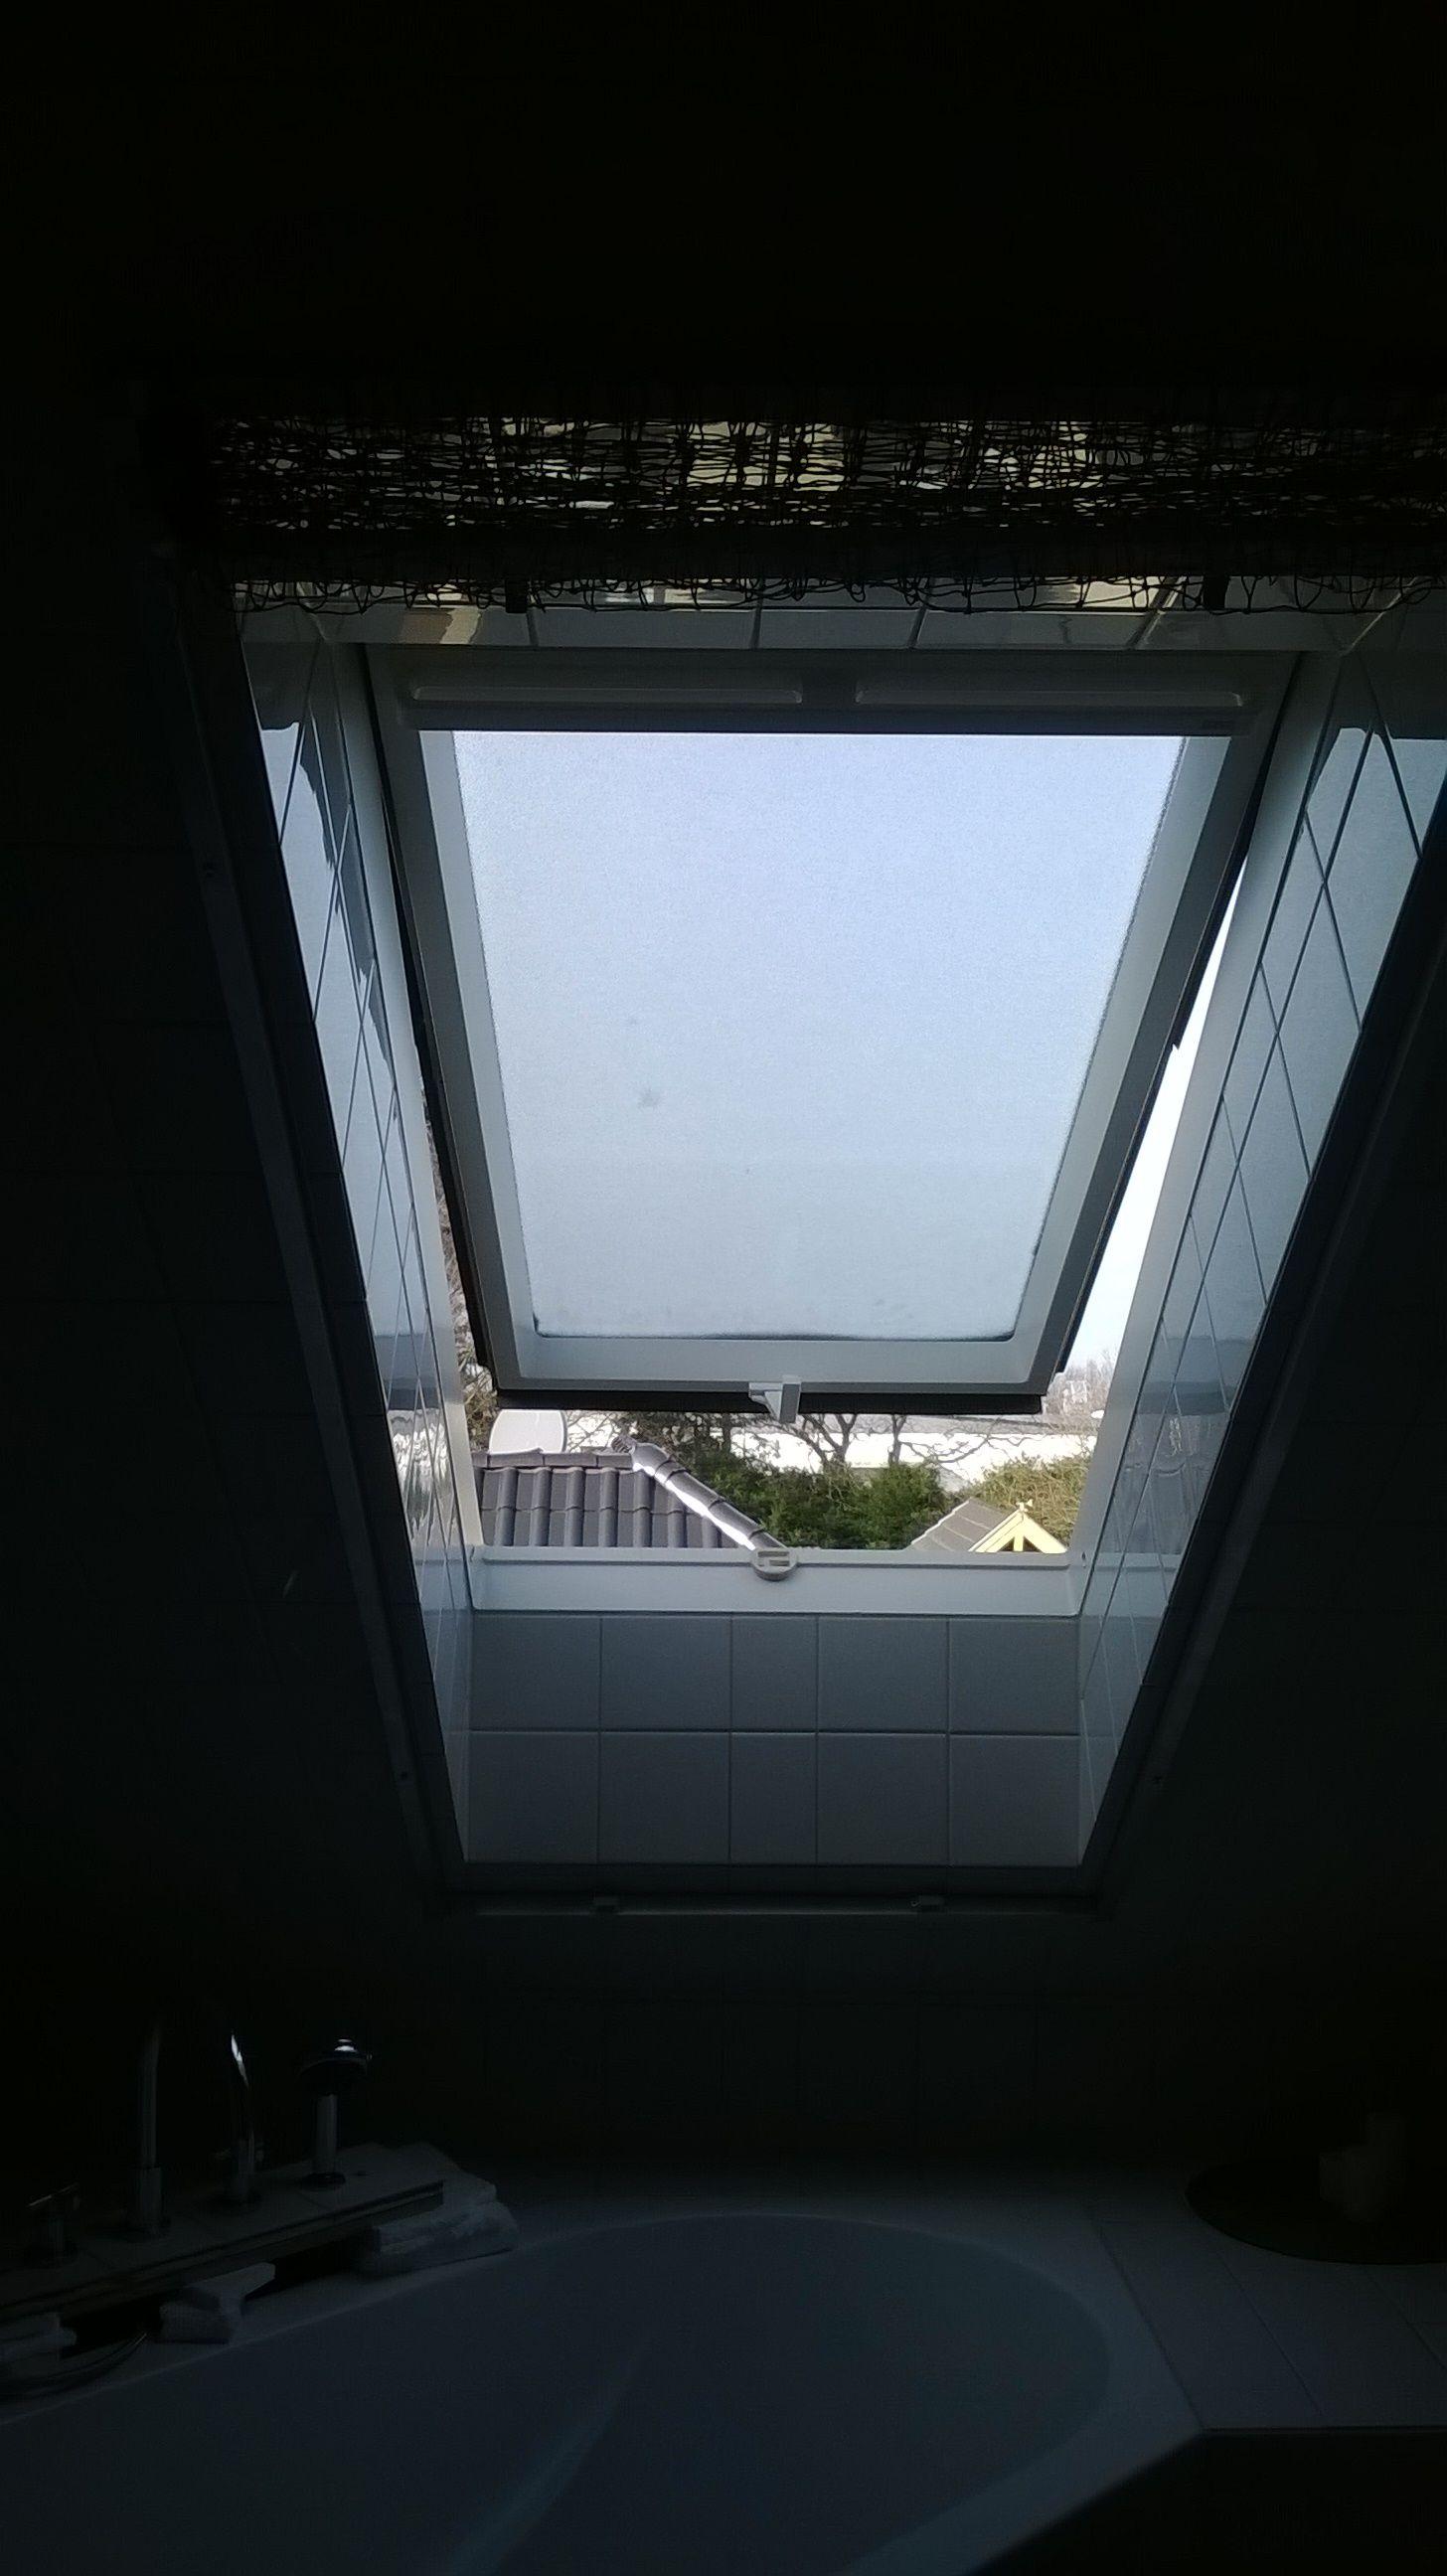 Katzennetz Rollo Dachfenster Rollo Dachfenster Katzennetz